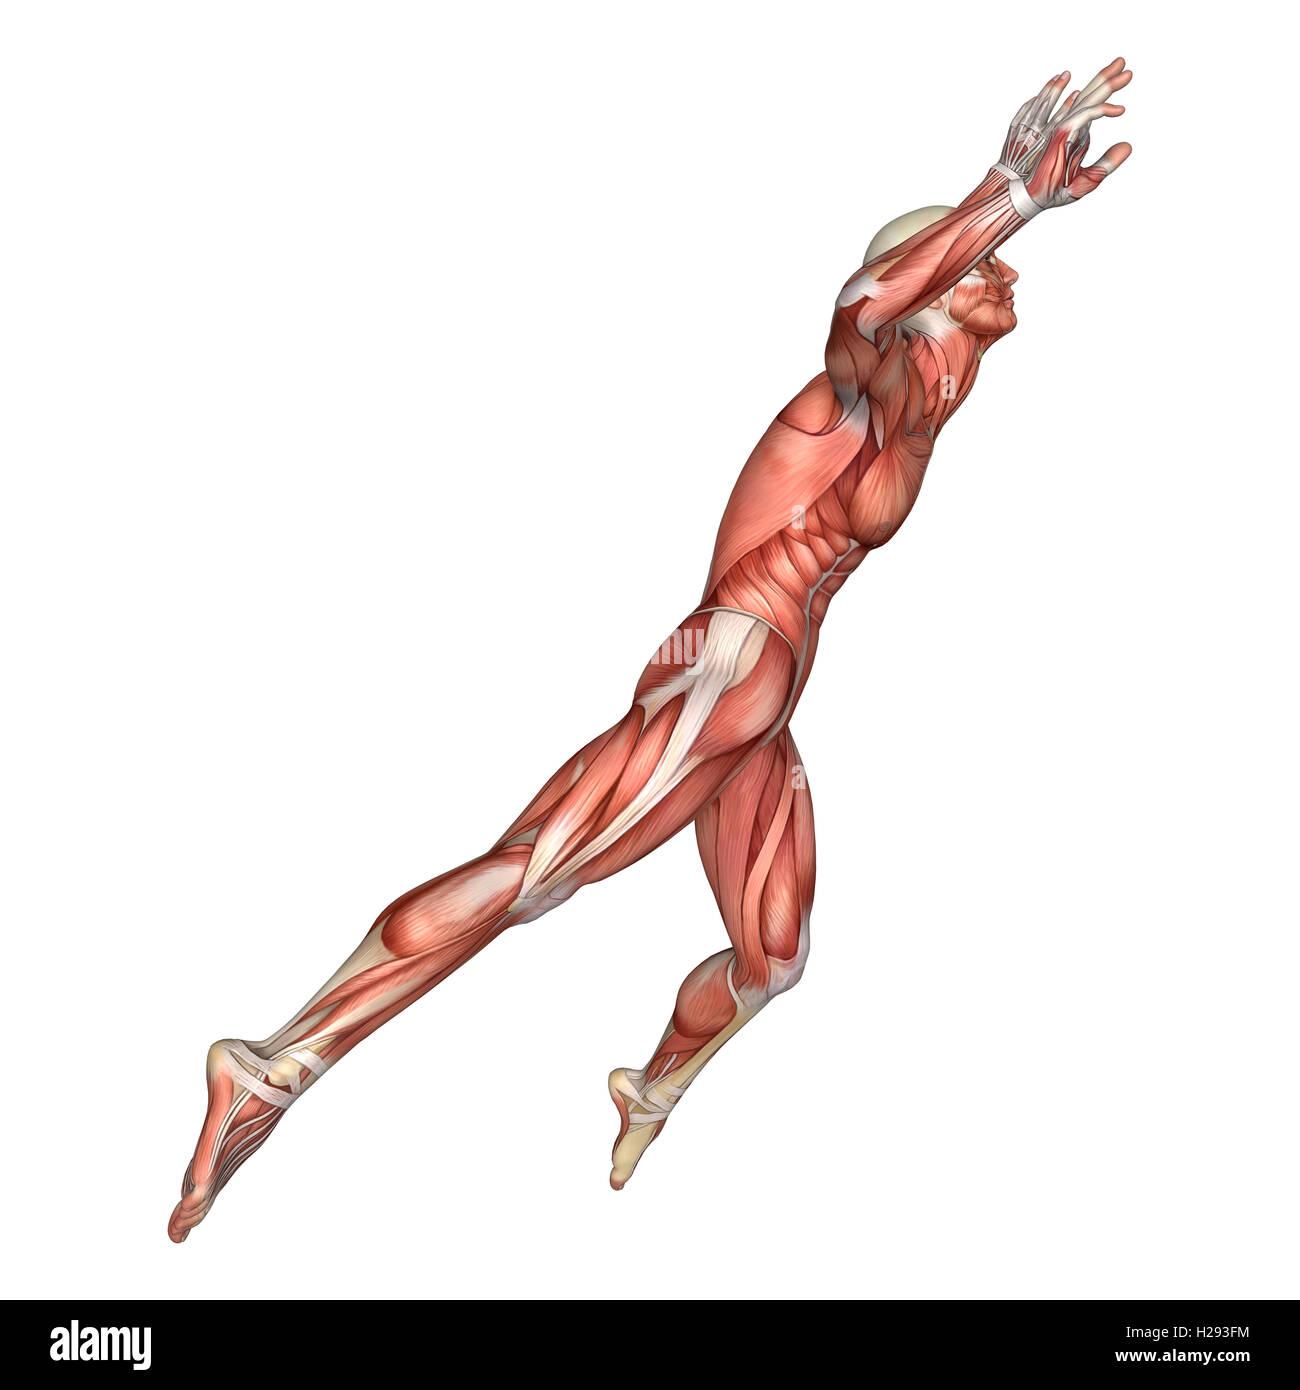 Niedlich 3d Anatomie Muskeln Zeitgenössisch - Menschliche Anatomie ...